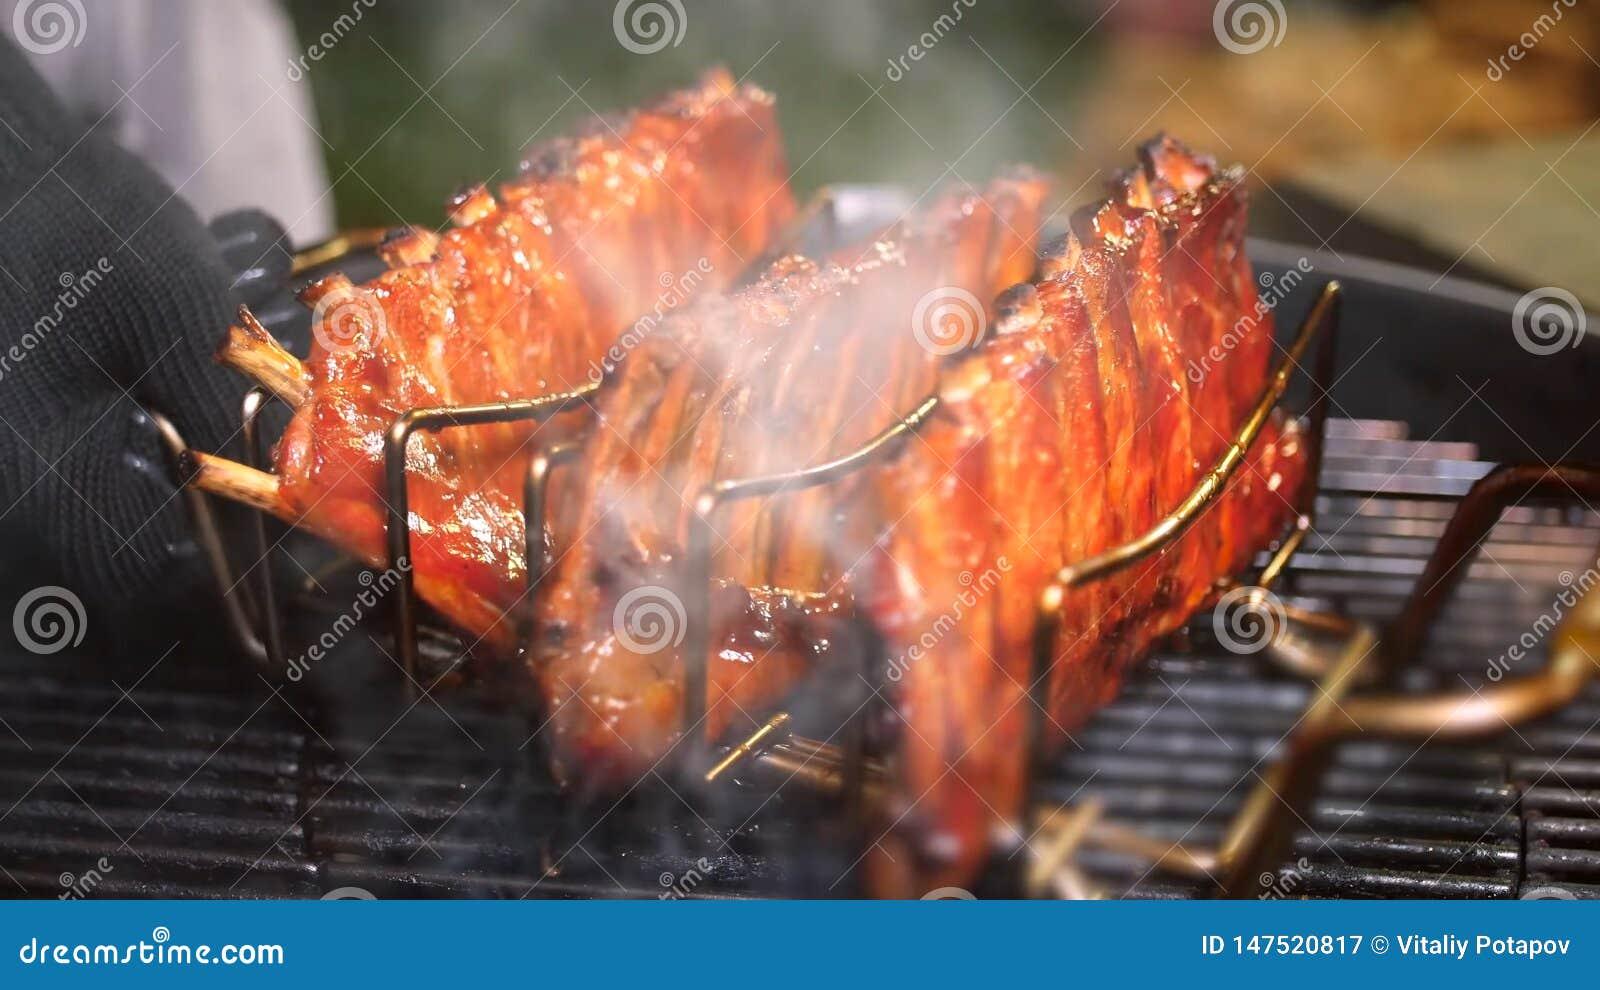 Grilled pork ribs. Meat, juicy.